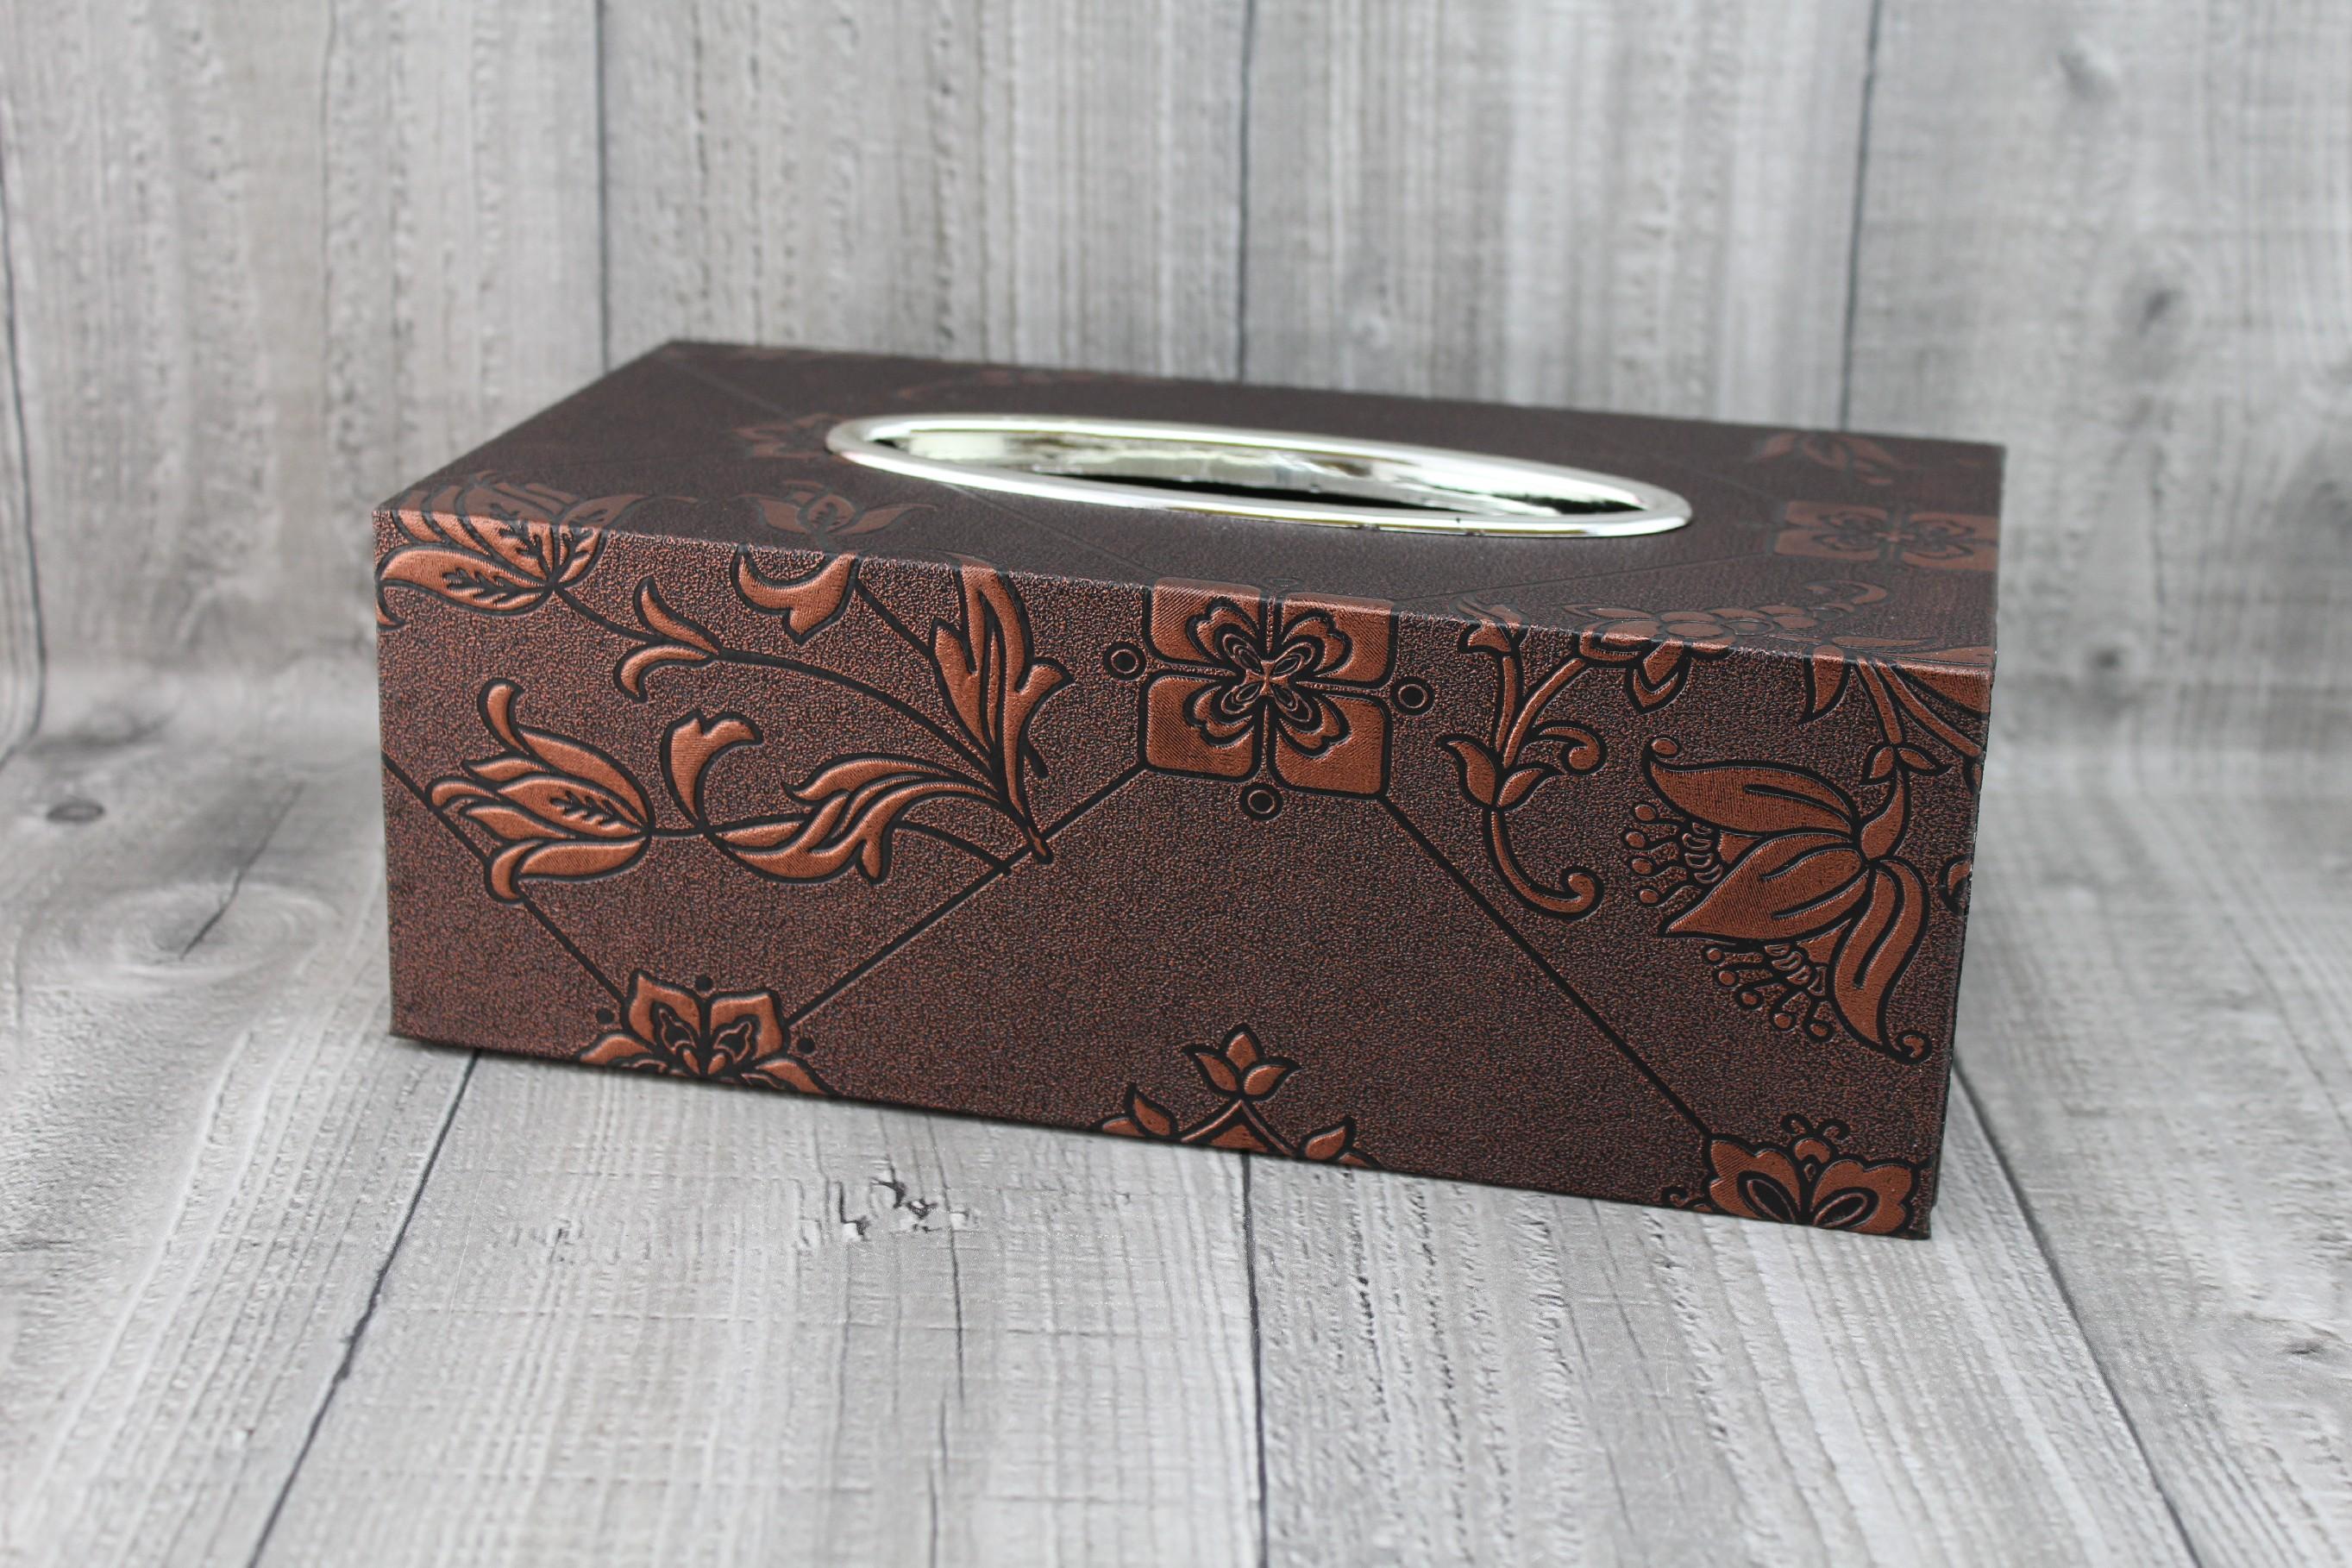 Krabice na kapesníky-hnědá, lilie počet kusů: včetně kapesníčků